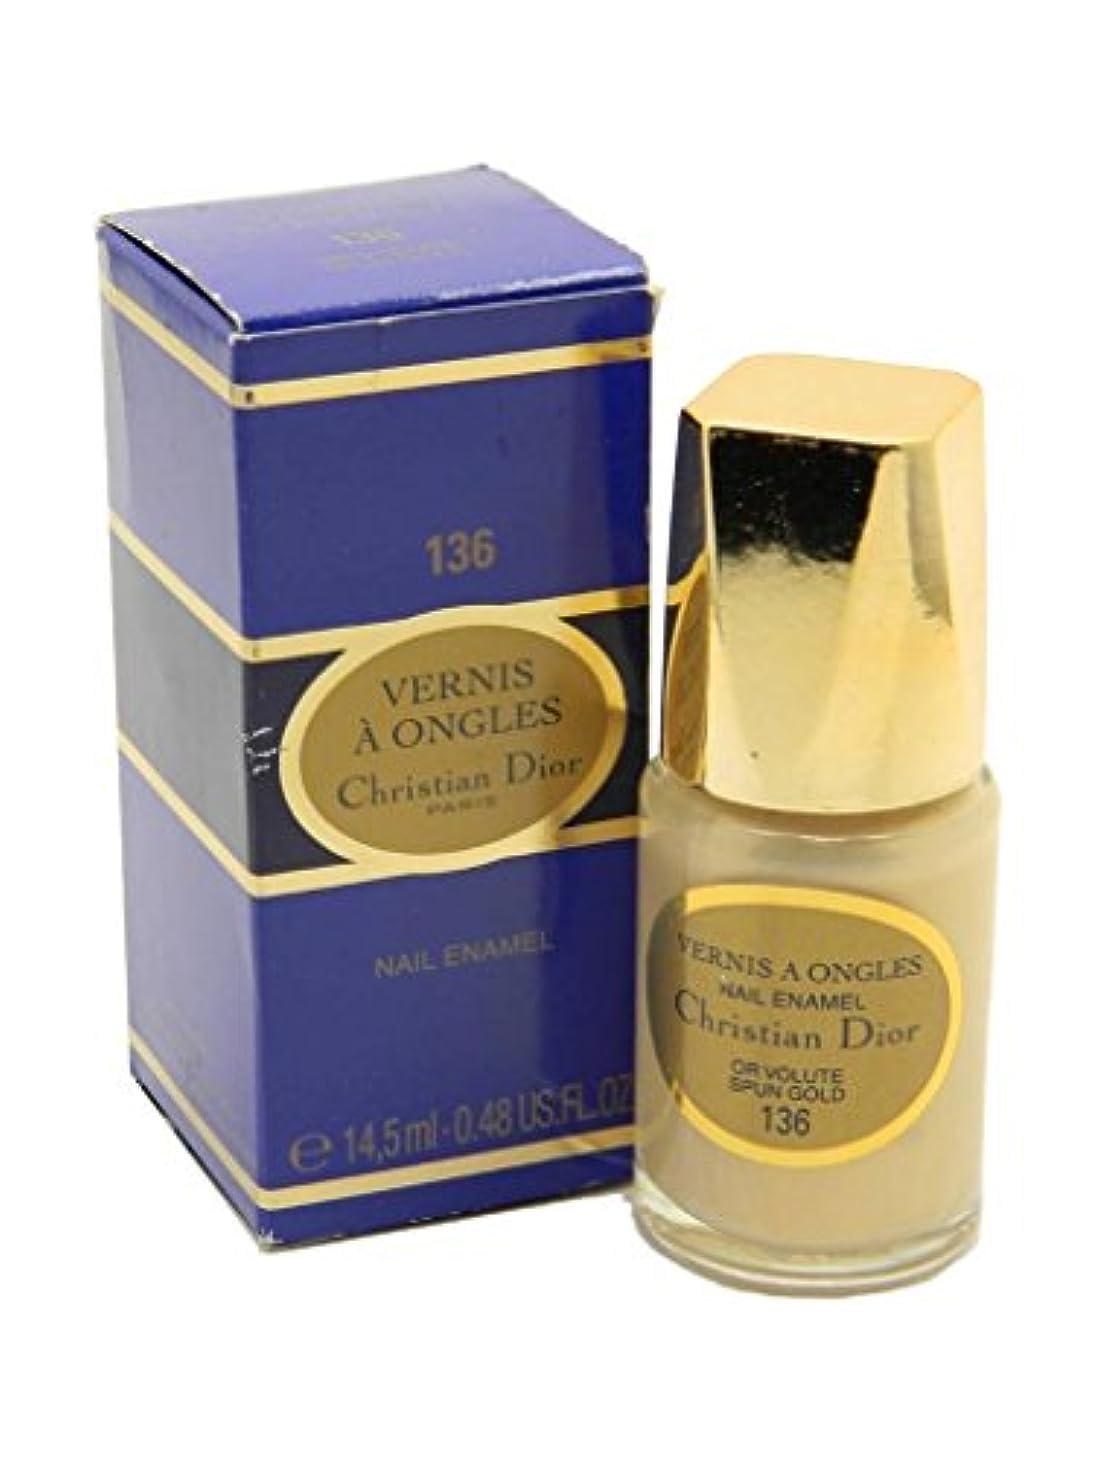 ミュートフォーカス引き潮Dior Vernis A Ongles Nail Enamel Polish 136 Spun Gold(ディオール ヴェルニ ア オングル ネイルエナメル ポリッシュ 136 スパンゴールド) [並行輸入品]